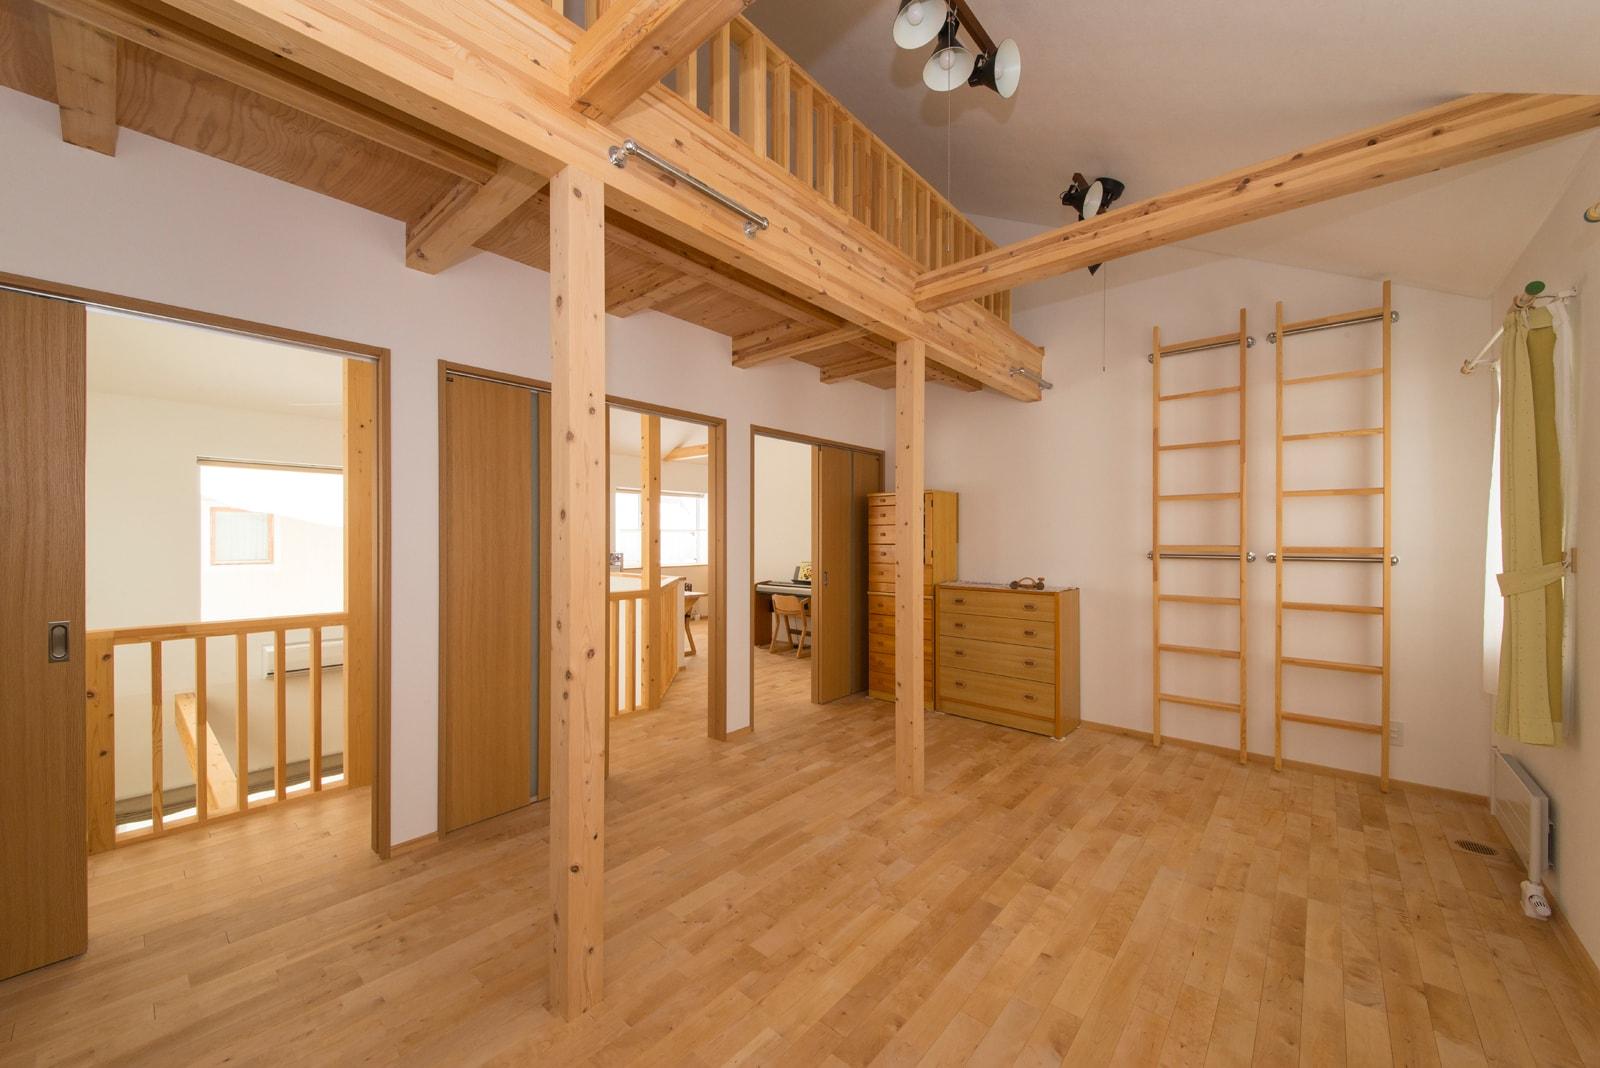 約20㎡の広い子ども部屋。子ども3人を想定し、3部屋に仕切られるようになっている。寝床は天井高を利用した広いロフト